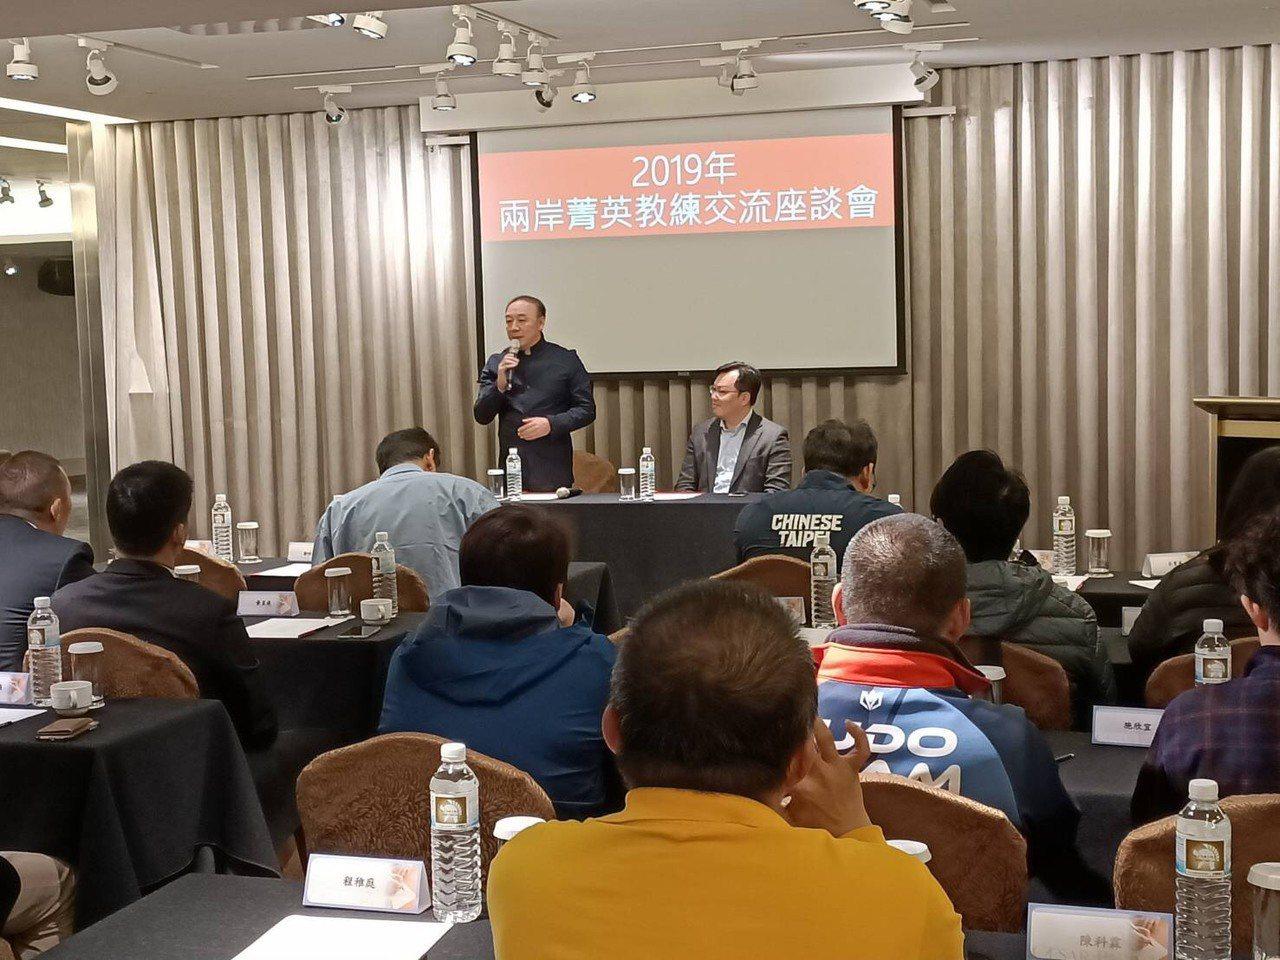 中國大陸金牌教練訪台,今舉行座談會。圖/中華奧會提供